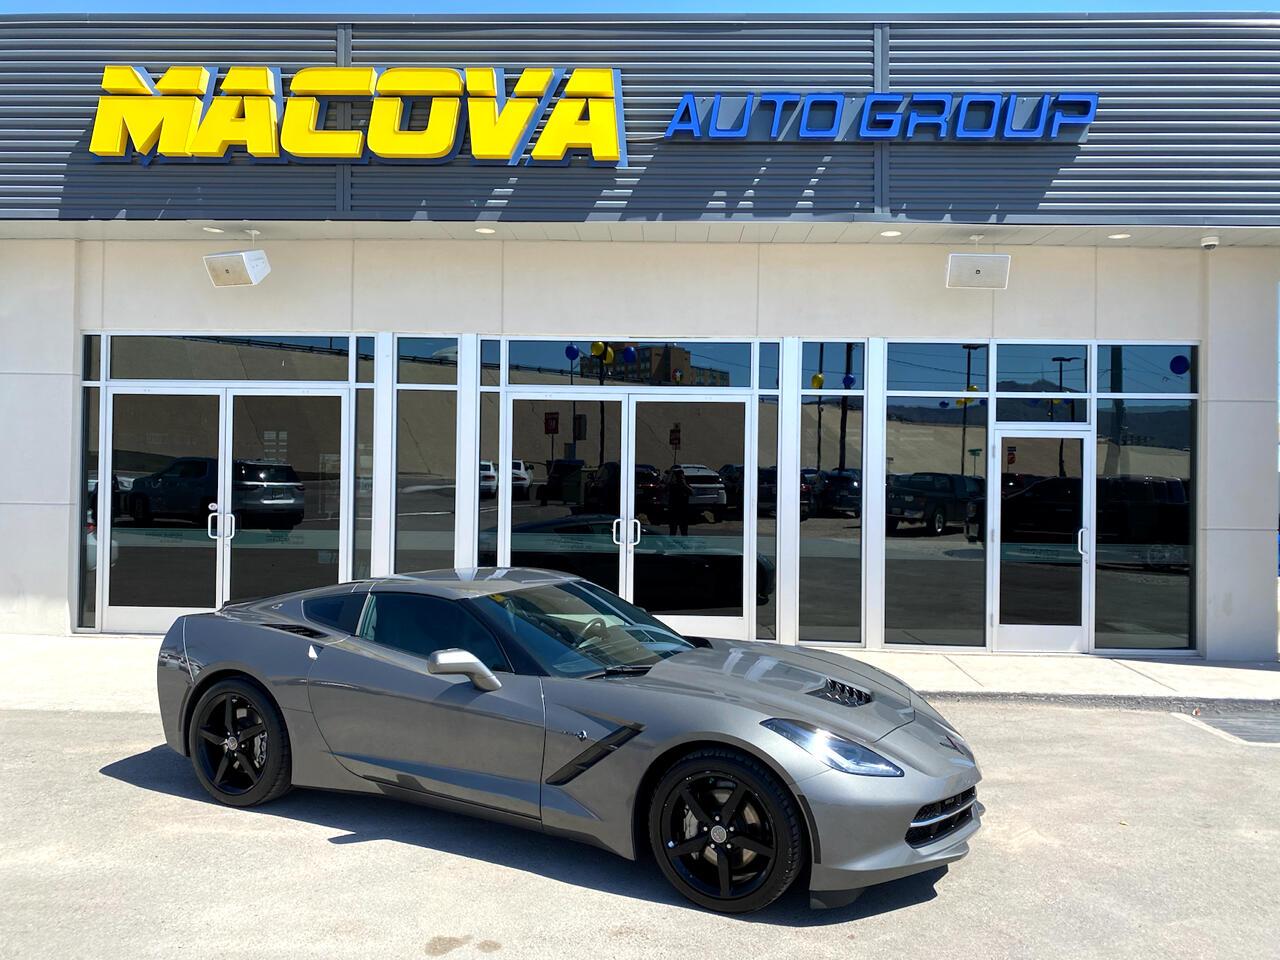 Chevrolet Corvette 1LT Coupe Automatic 2015